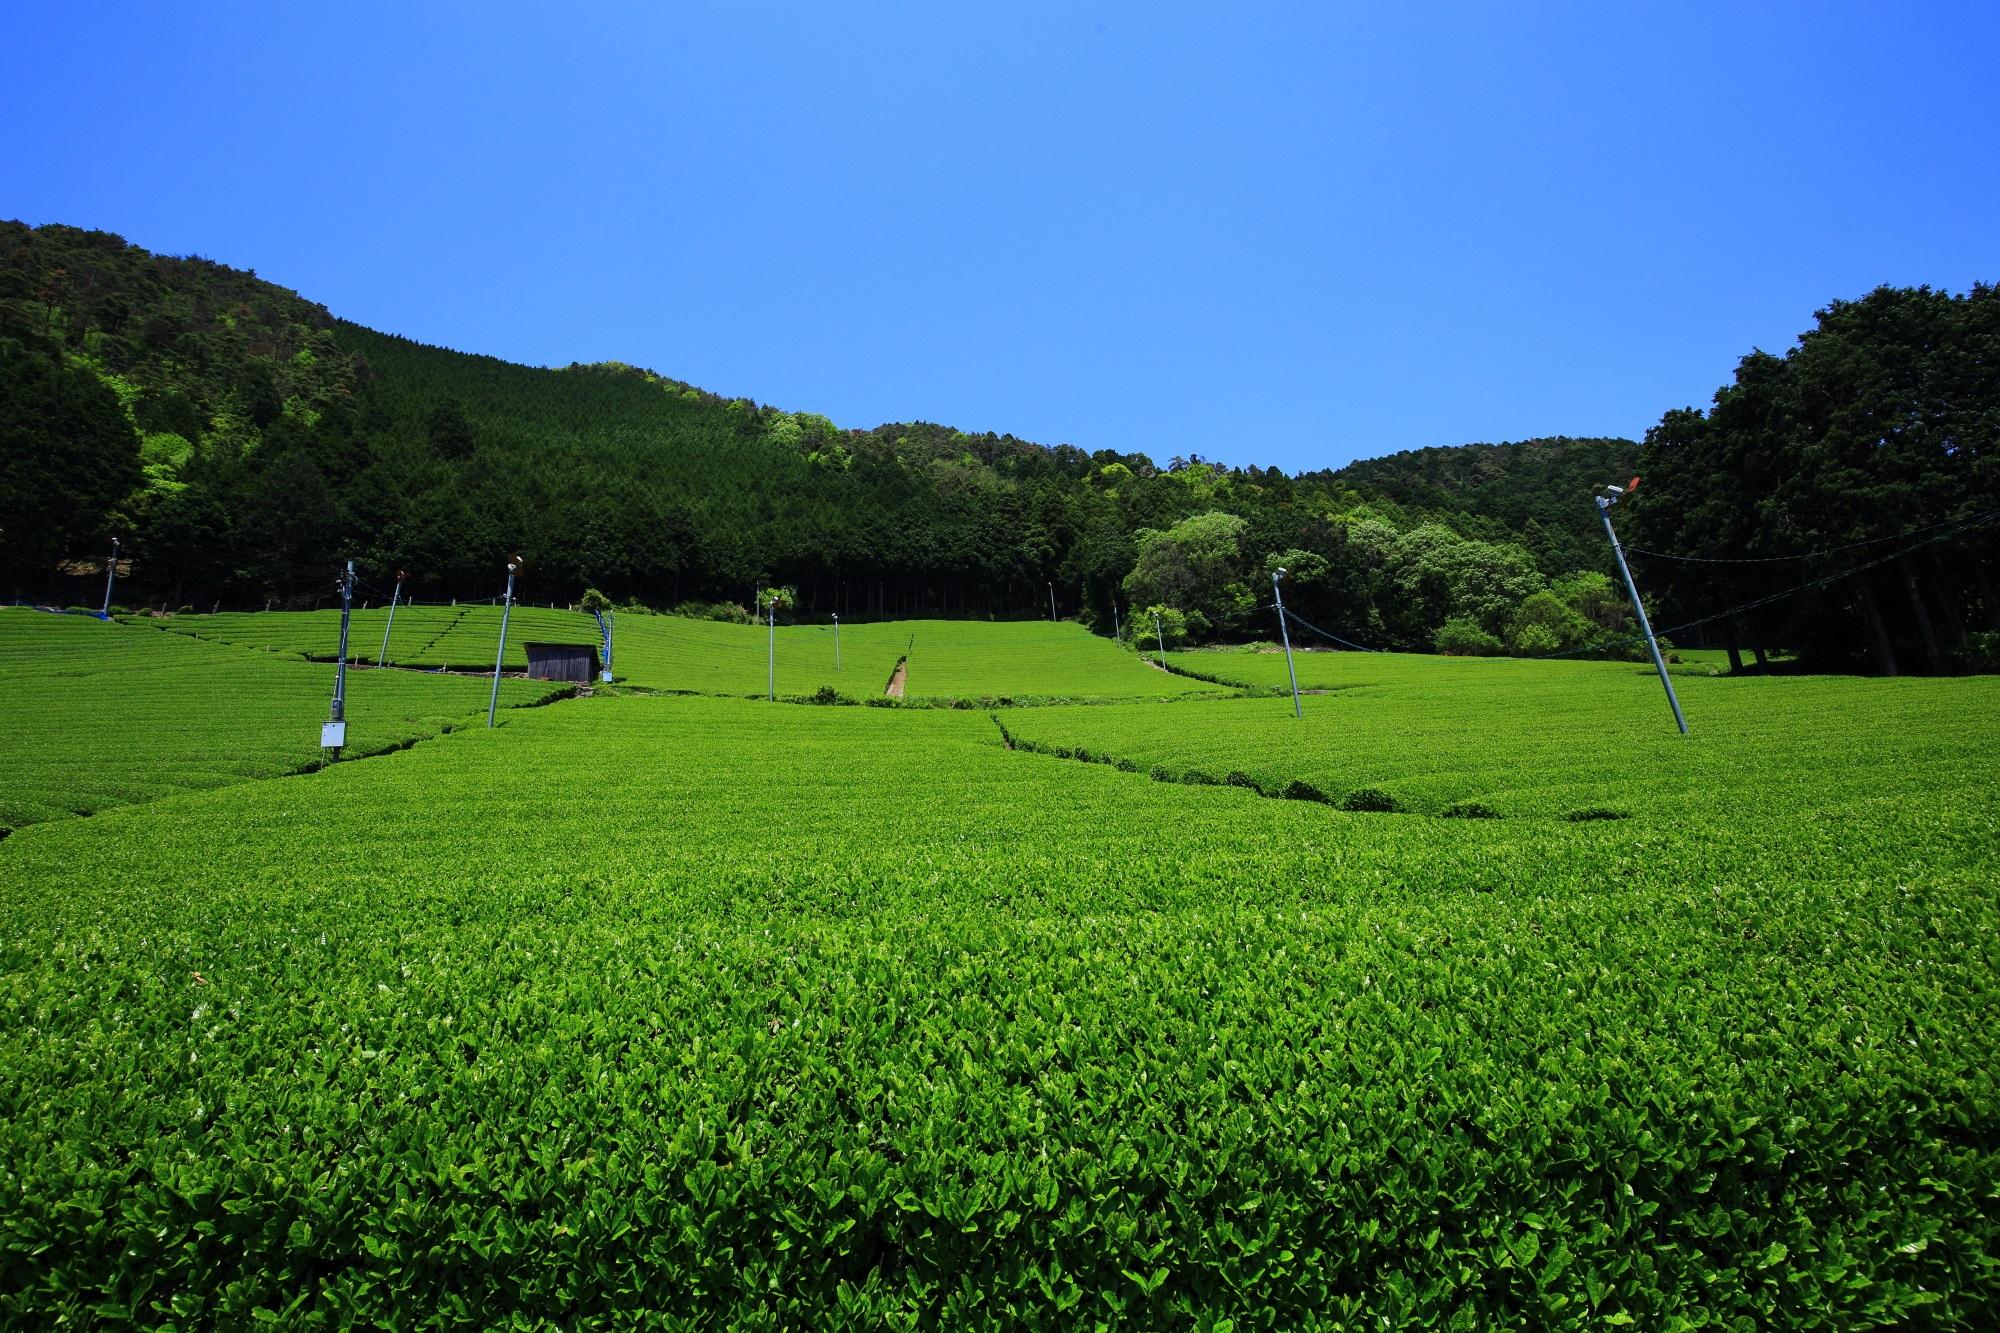 和束町 原山の茶畑 一面に広がるお茶畑と絶品の緑